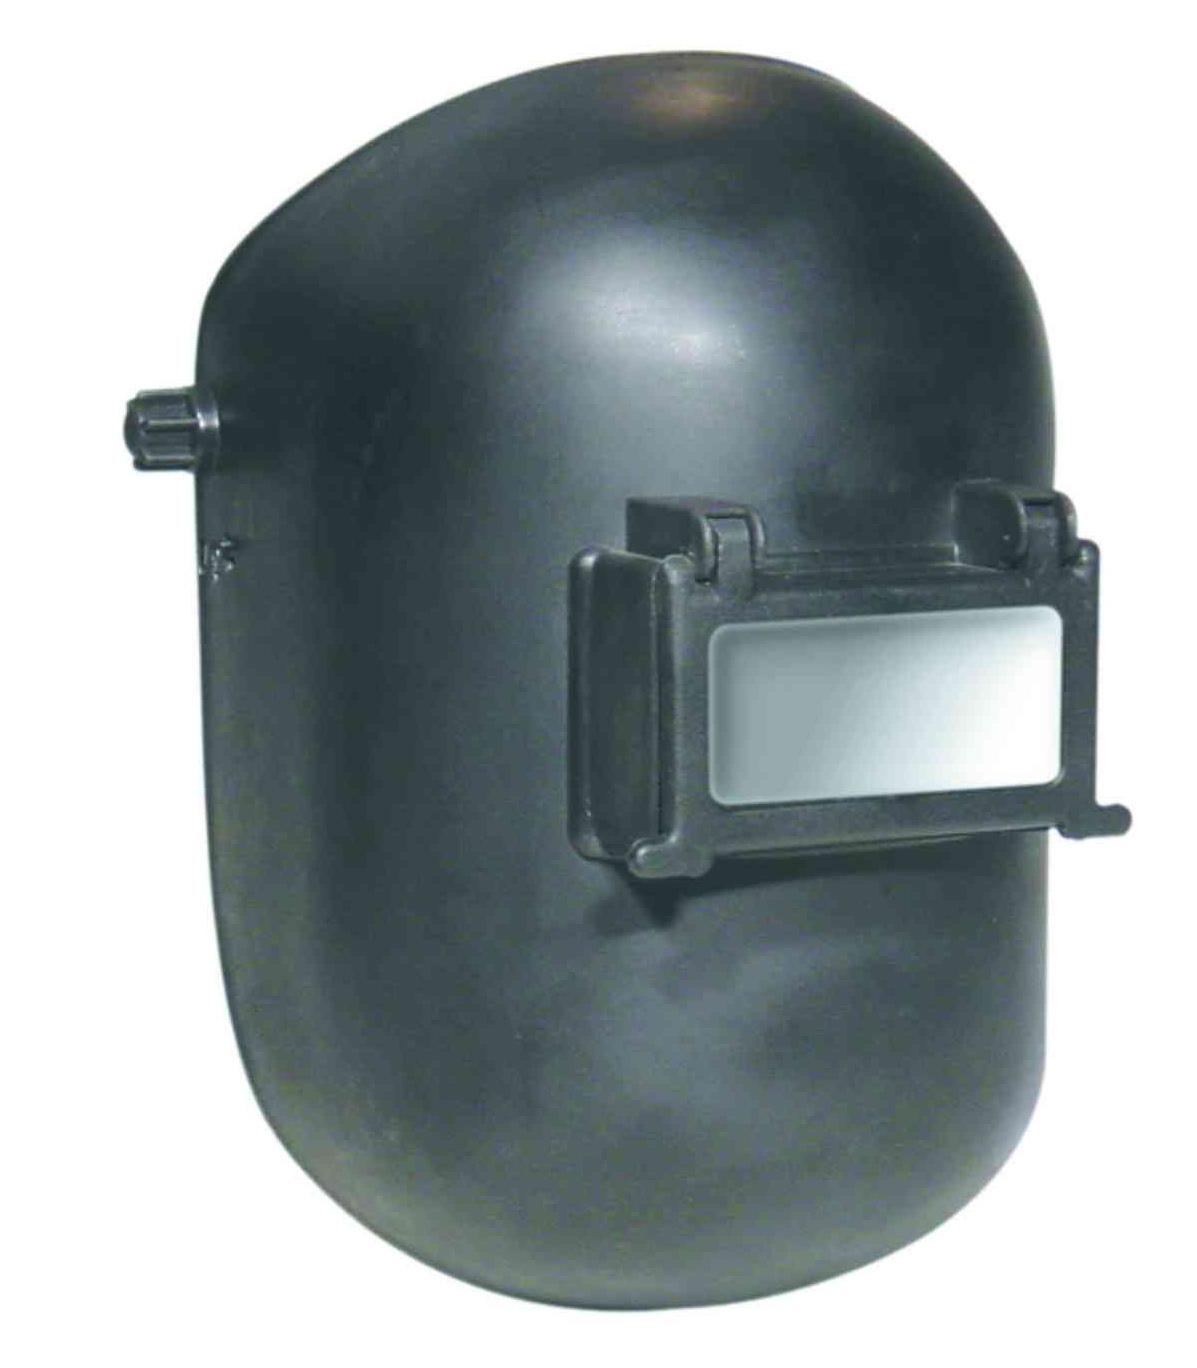 Kopfschutzschirm aus Fiberglas, klappbar